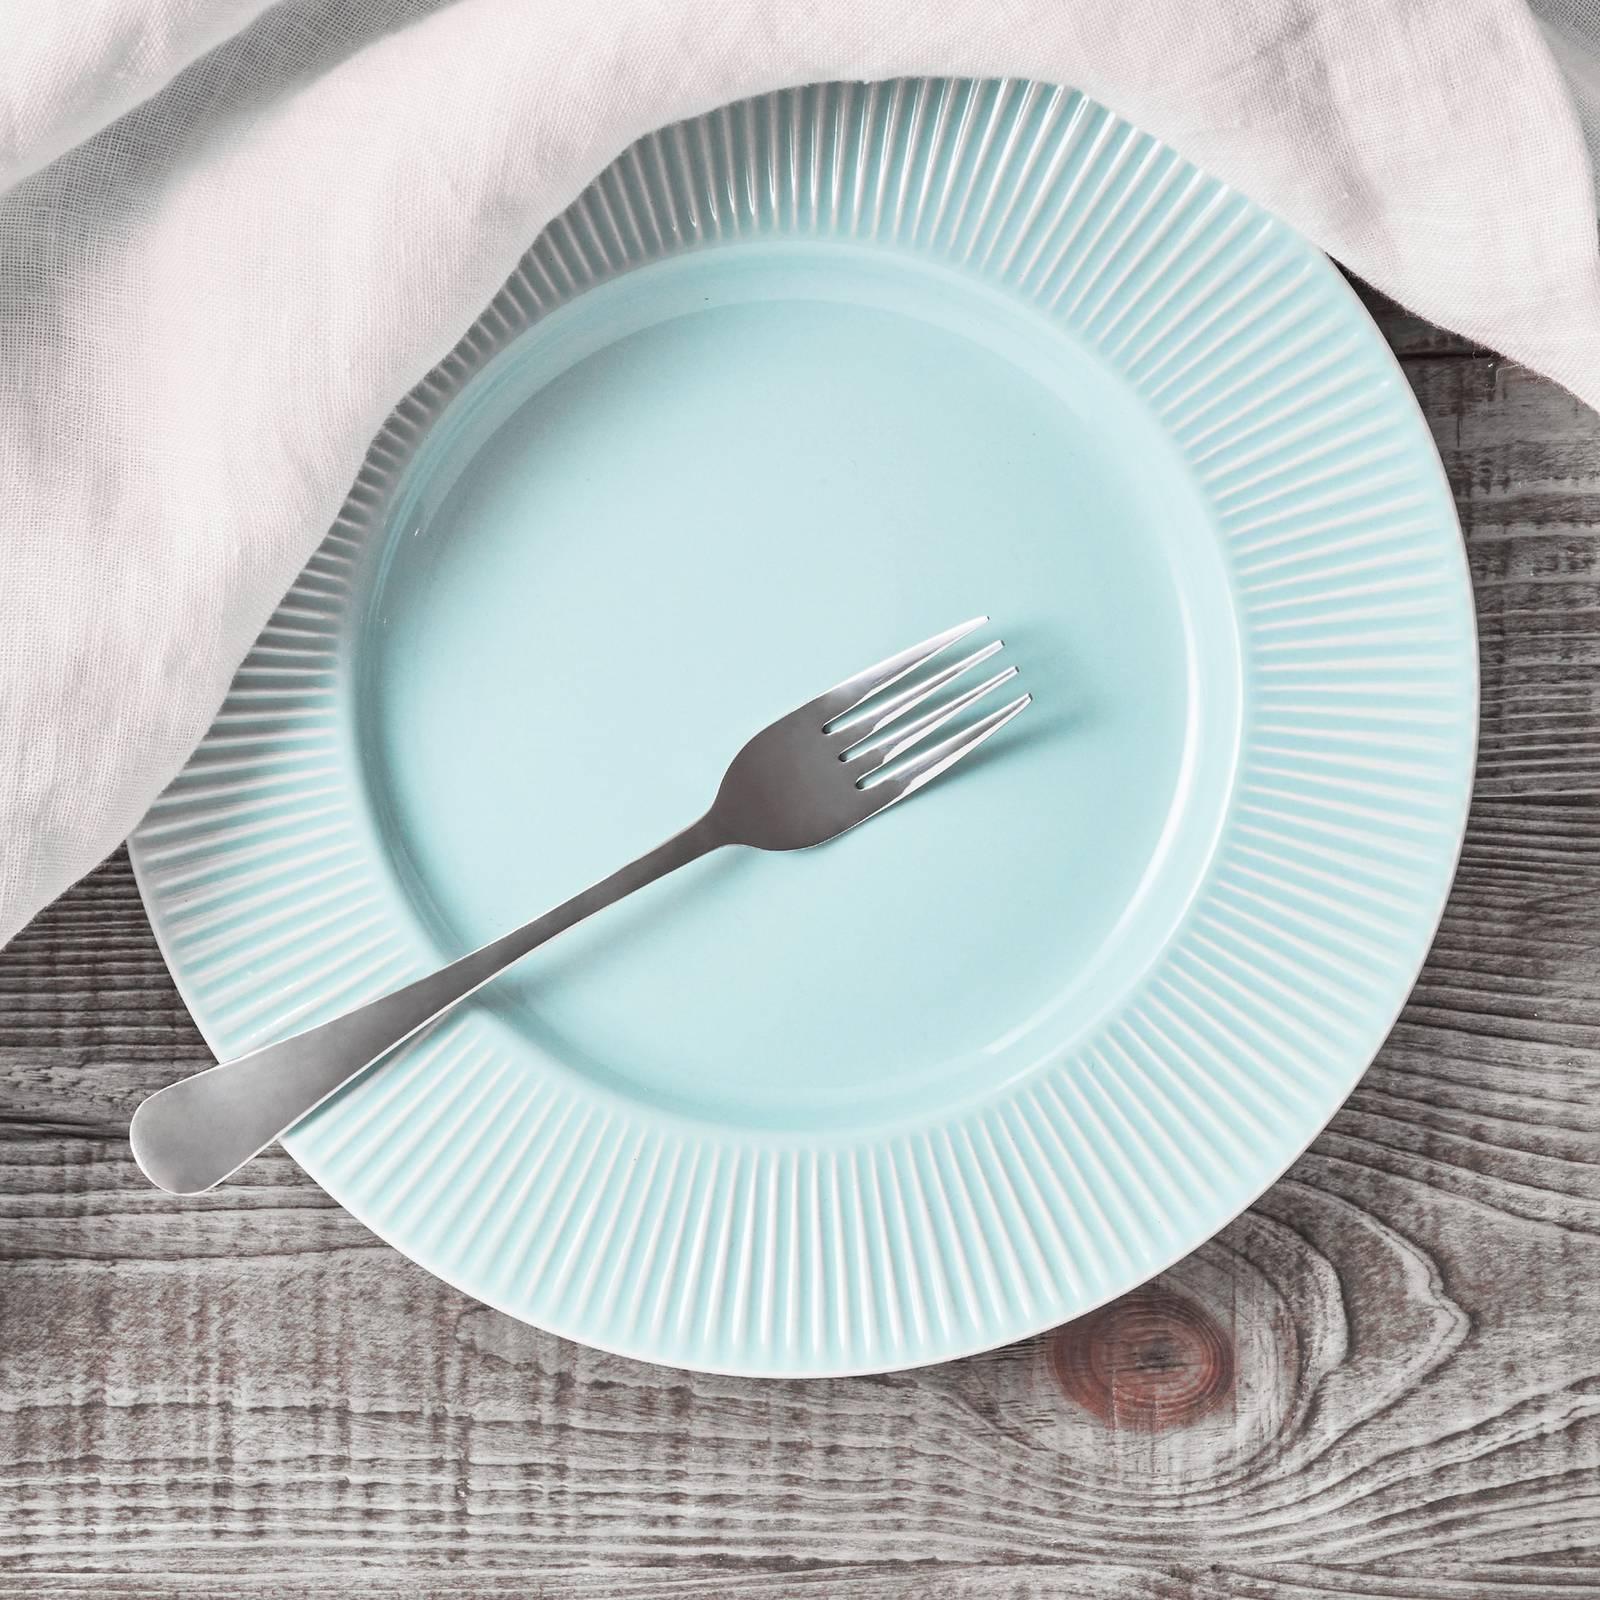 Fourchette Empoli 19,8 cm AMBITION